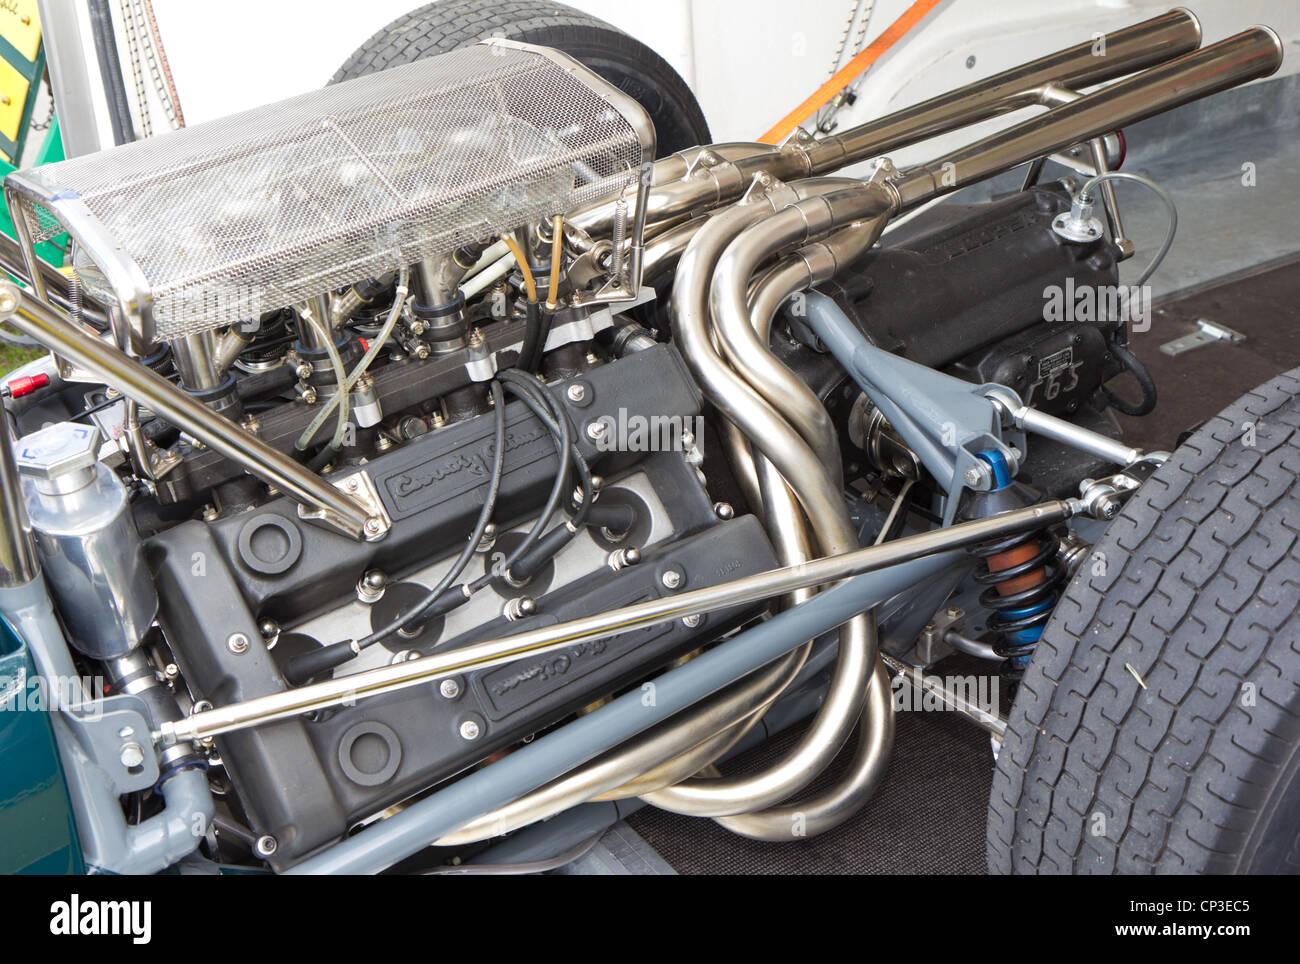 Race Car Stock Photos & Race Car Stock Images - Alamy